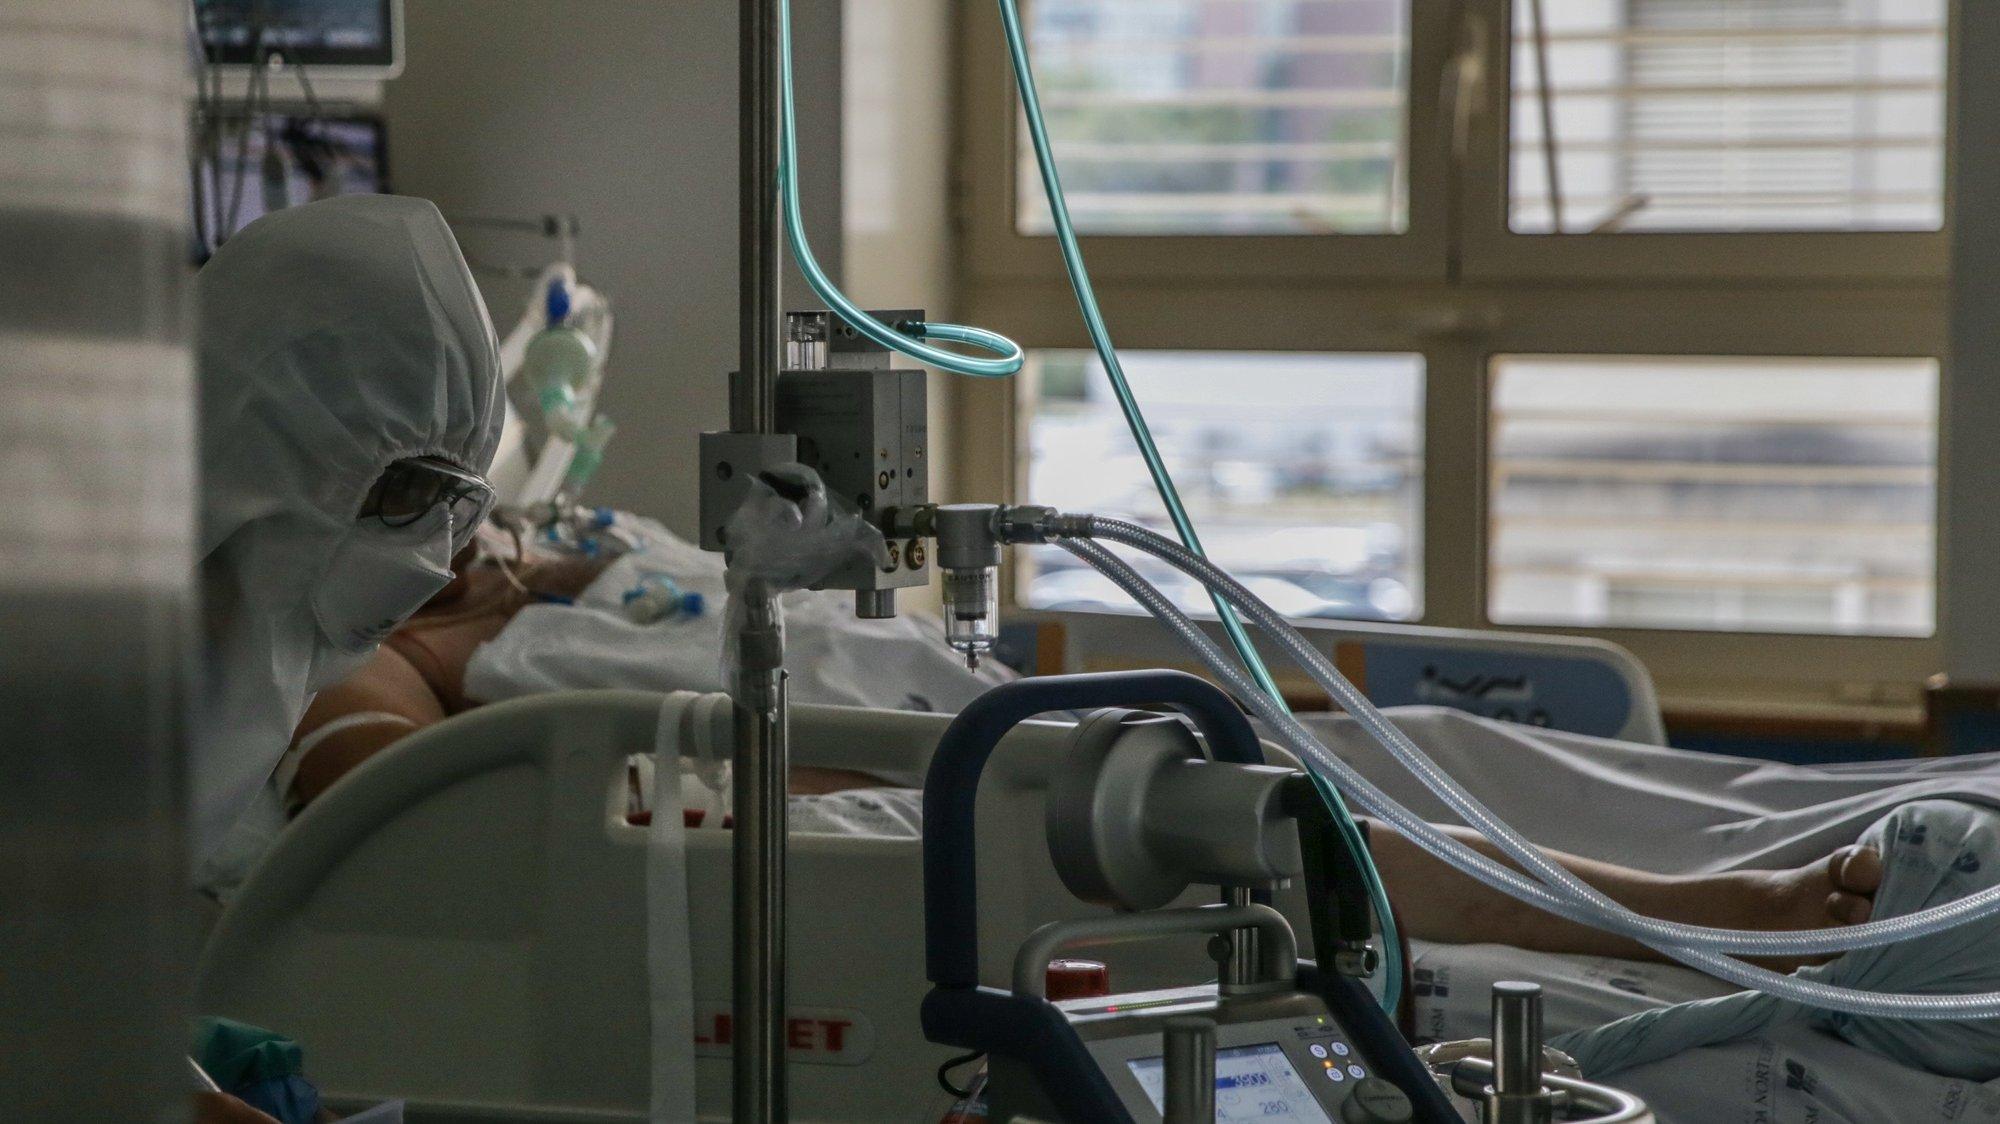 Uma enfermeira cuida de um paciente hospitalizado na Unidade de Cuidados Intensivos Covid 19 do Hospital Santa Maria em Lisboa, 27 de outubro de 2020. A urgência dedicada aos casos suspeitos de covid-19 do Hospital Santa Maria, em Lisboa, reflete a evolução da pandemia em Portugal com doentes a avolumarem-se à porta para realizar o teste e no interior a capacidade quase esgotada. O medo de perder o emprego leva muitos doentes com covid-19 a esconderem que estão infetados e a continuar a trabalhar, disseminando a doença que, nesta fase, começa a ser um caso também social e que leva a muitos internamentos no Santa Maria. (ACOMPANHA TEXTO DA LUSA DE 30 DE OUTUBRO DE 2020) TIAGO PETINGA/LUSA